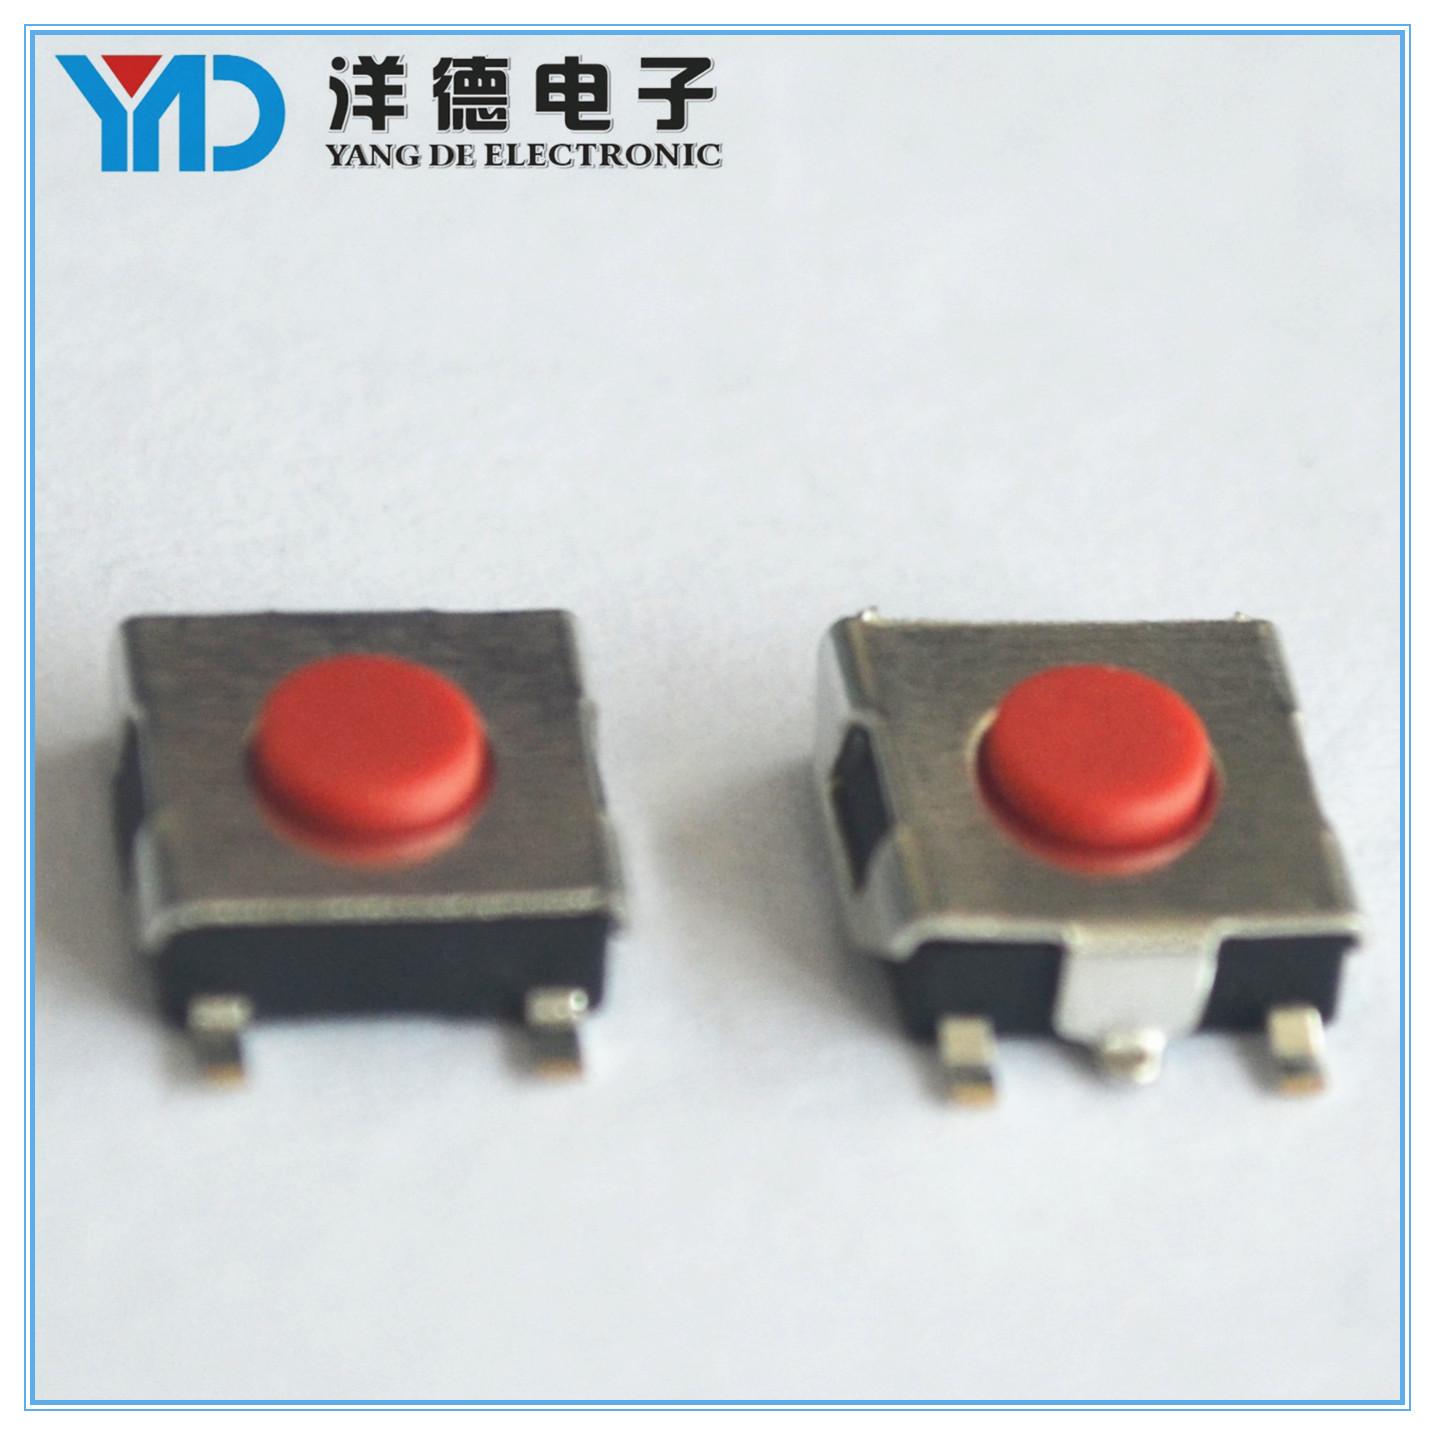 厂家供应6.2*6.2*2.5贴片轻触按键开关 各类环保耐温轻触开关